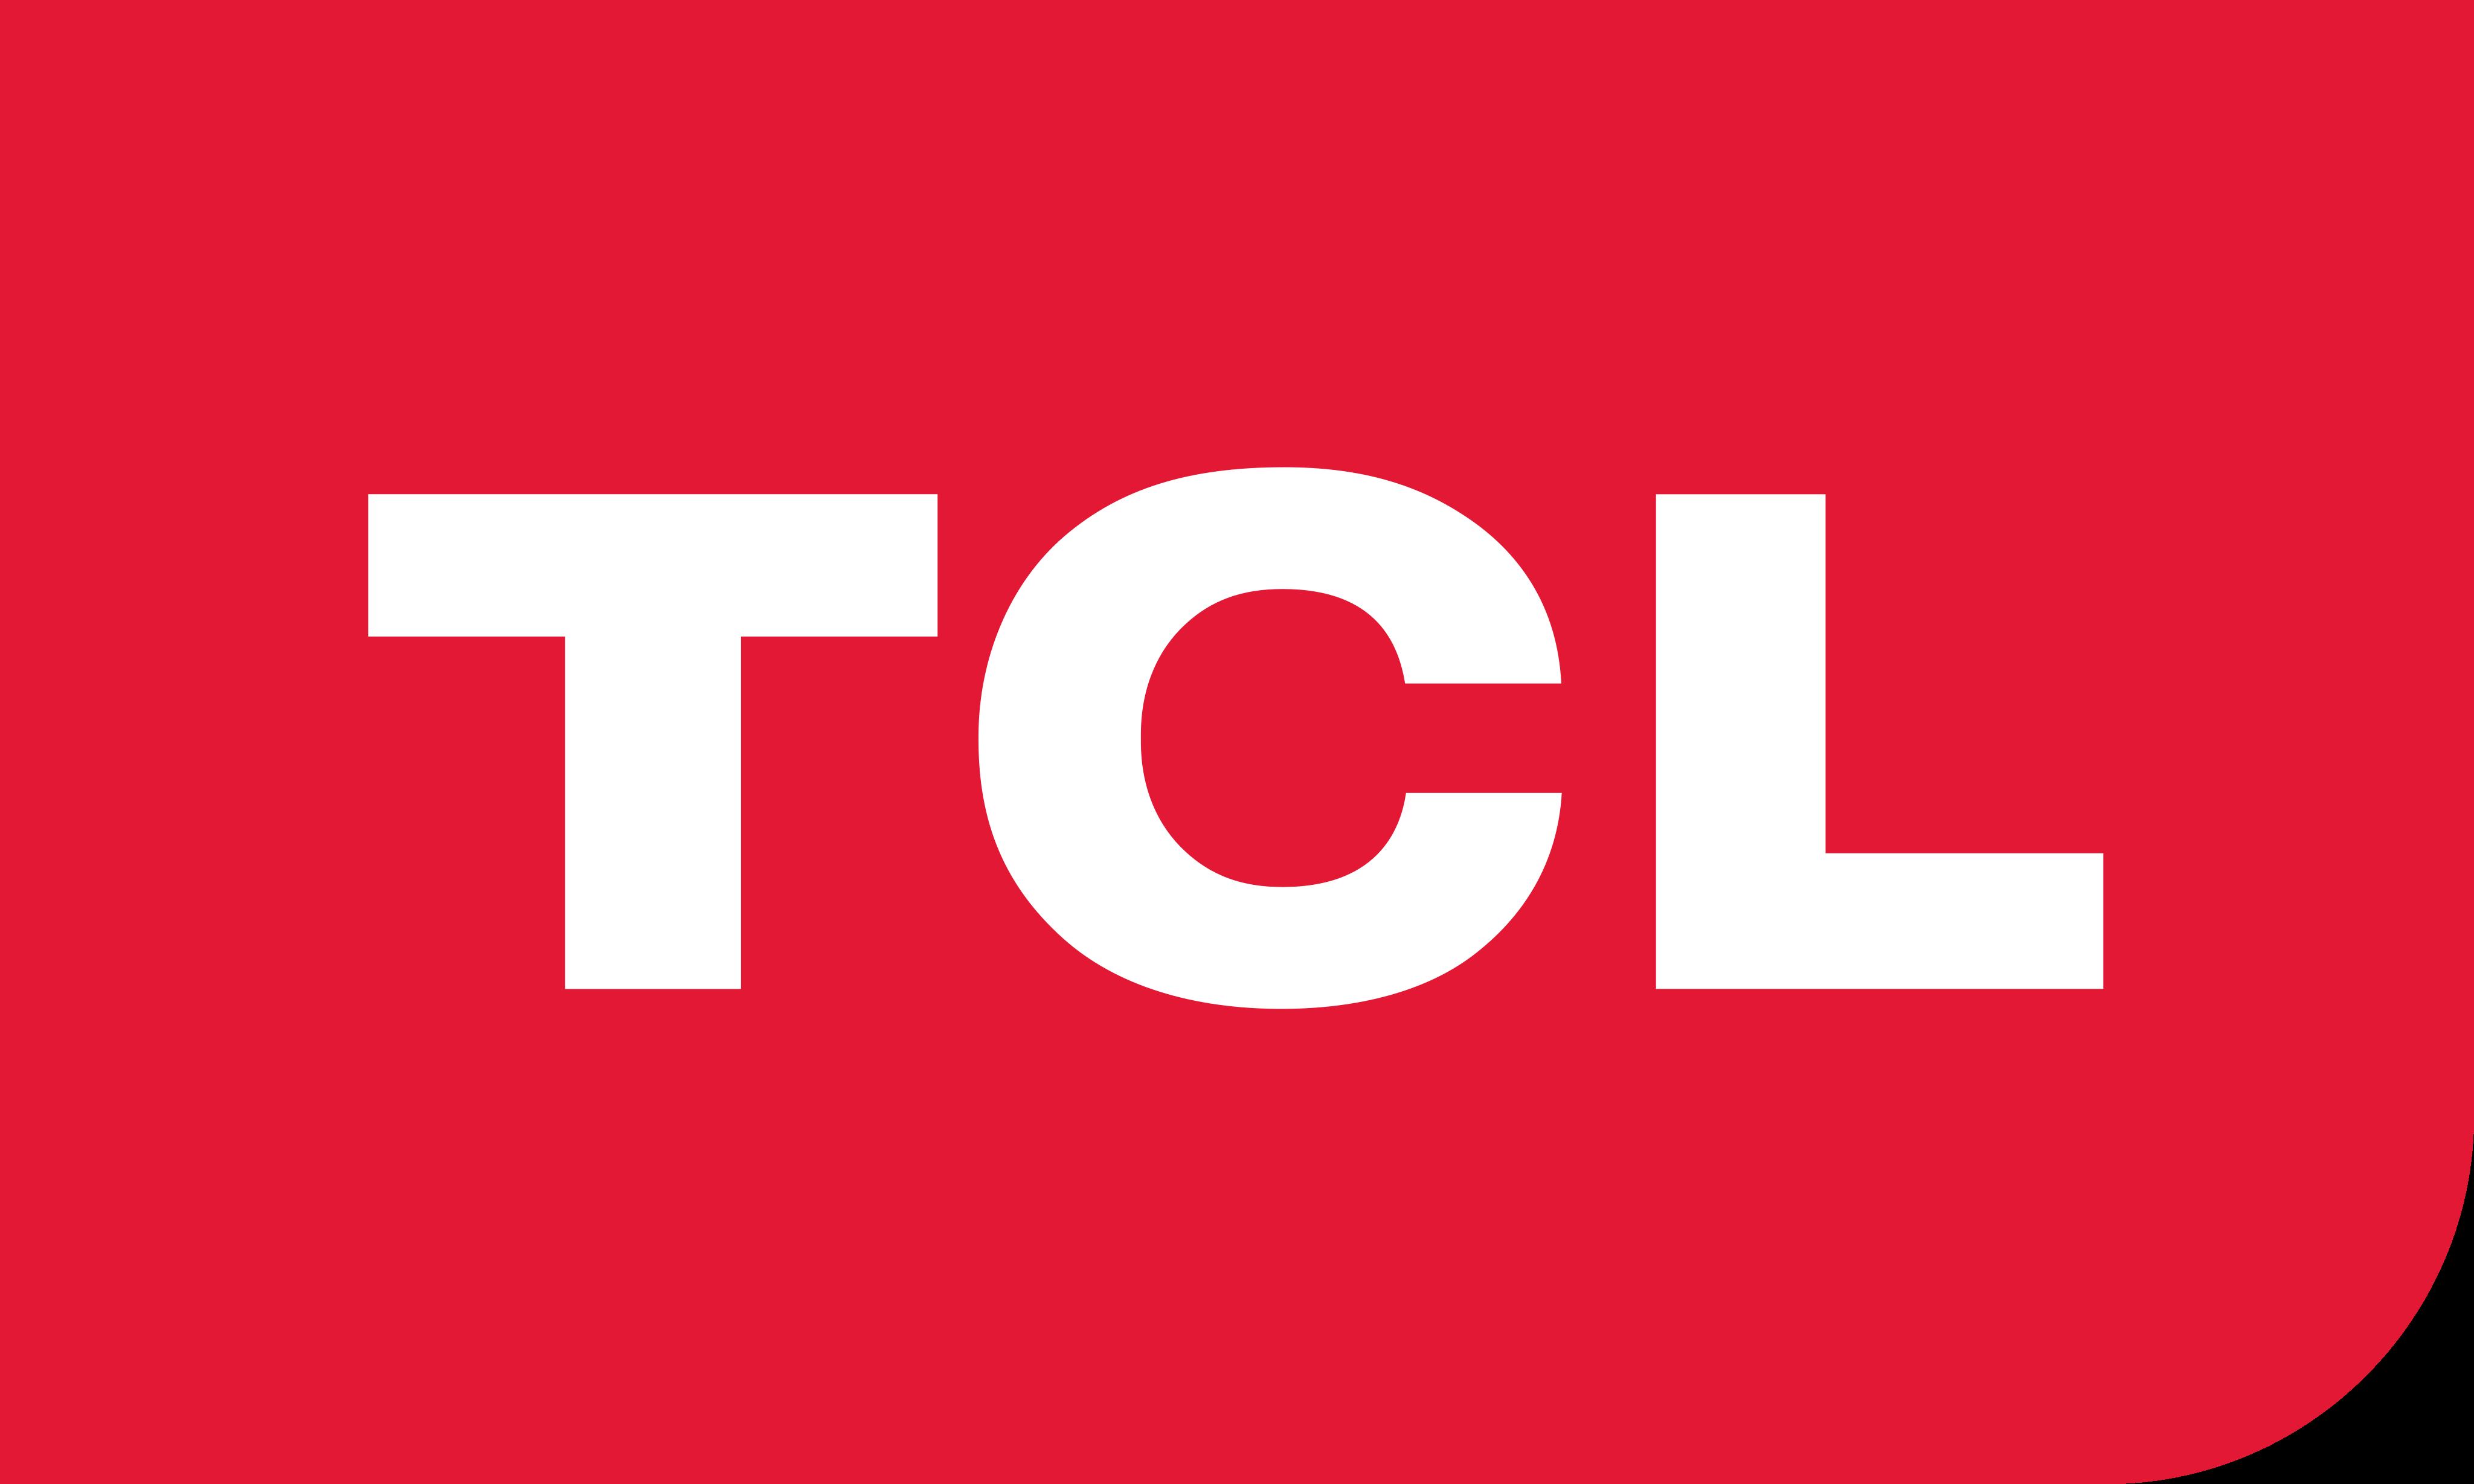 tcl logo  - TCL Logo